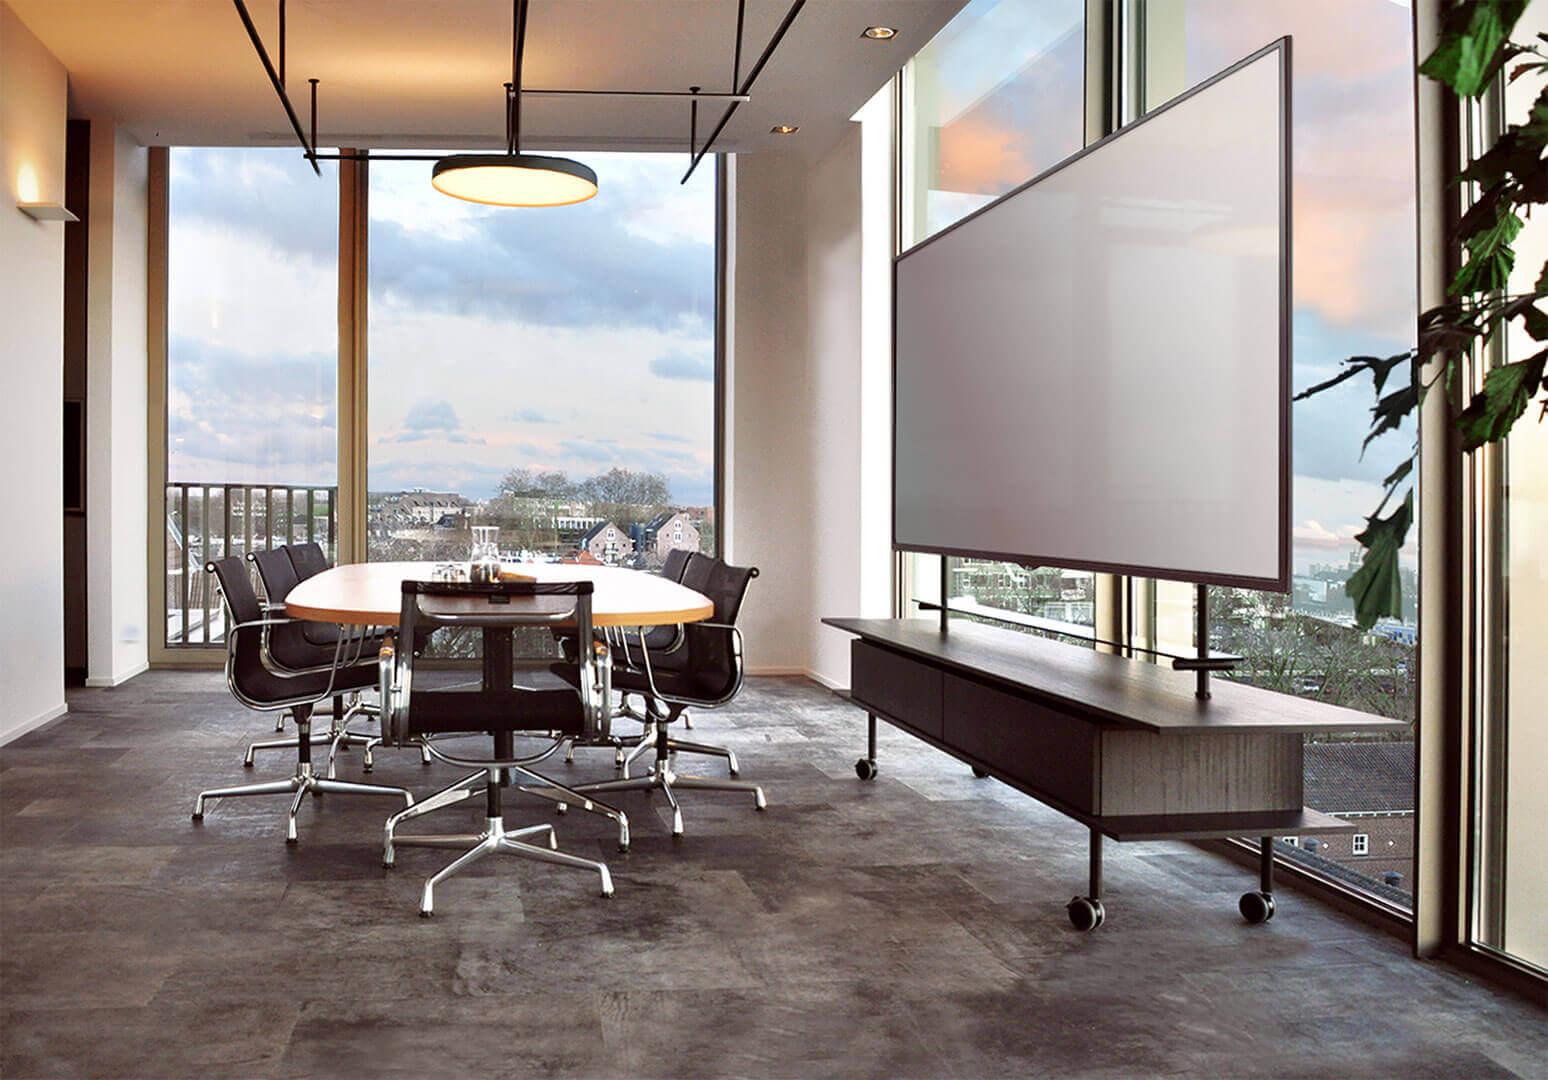 Een verrijdbaar digitaal scherm, LCD monitor, een stijlvol ontwerp